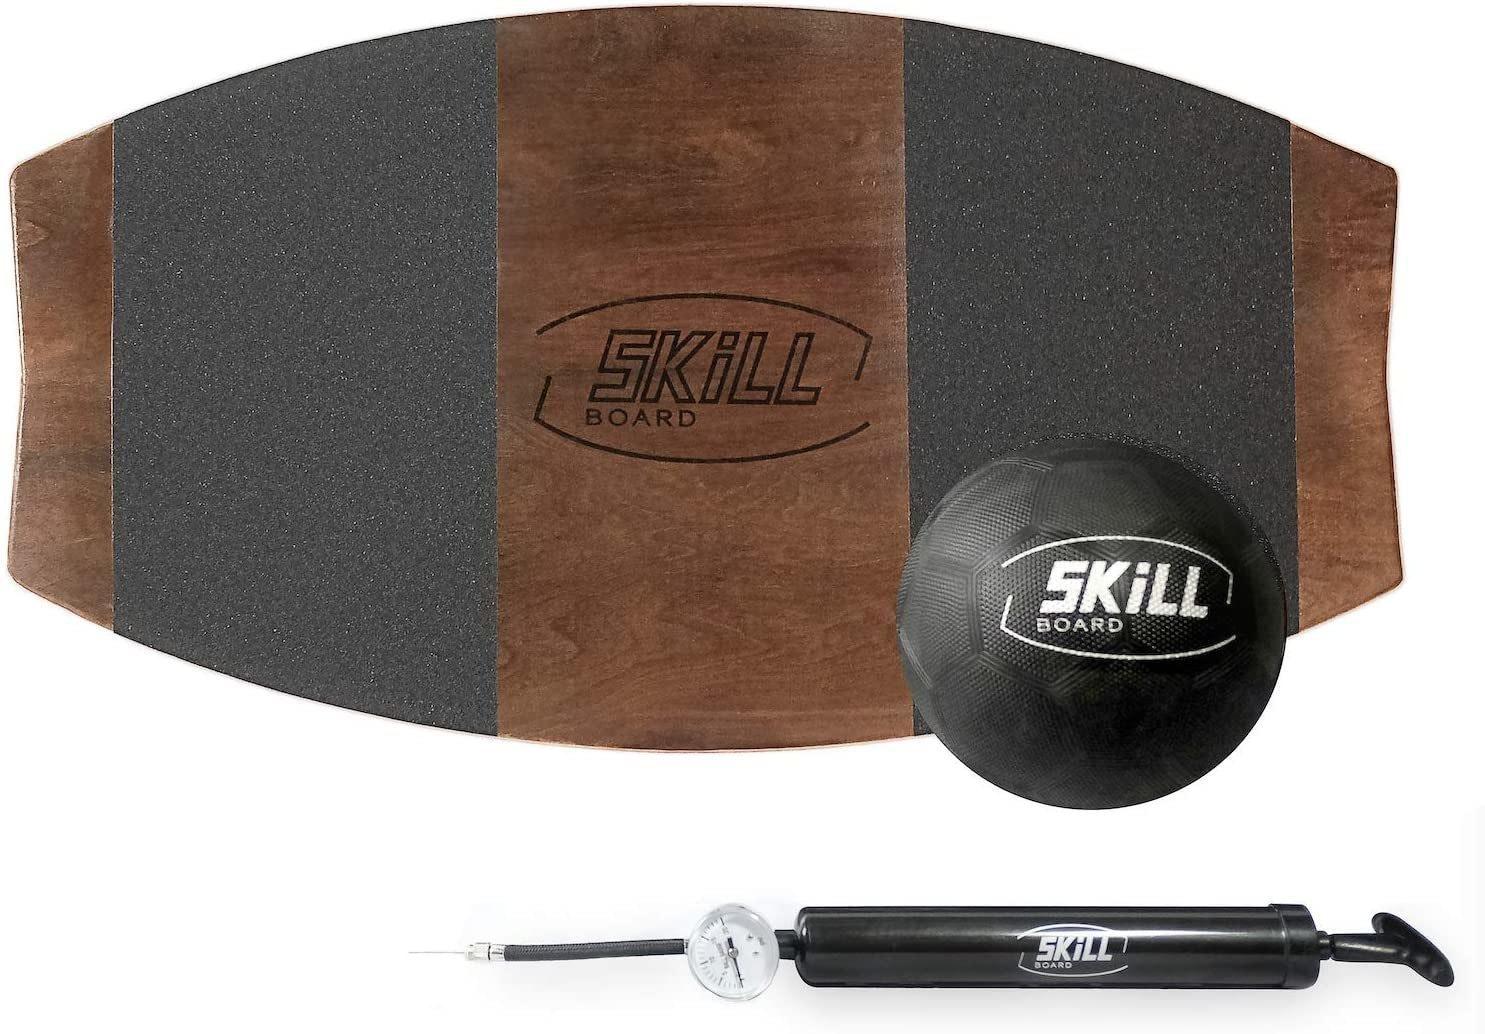 The Skill Board